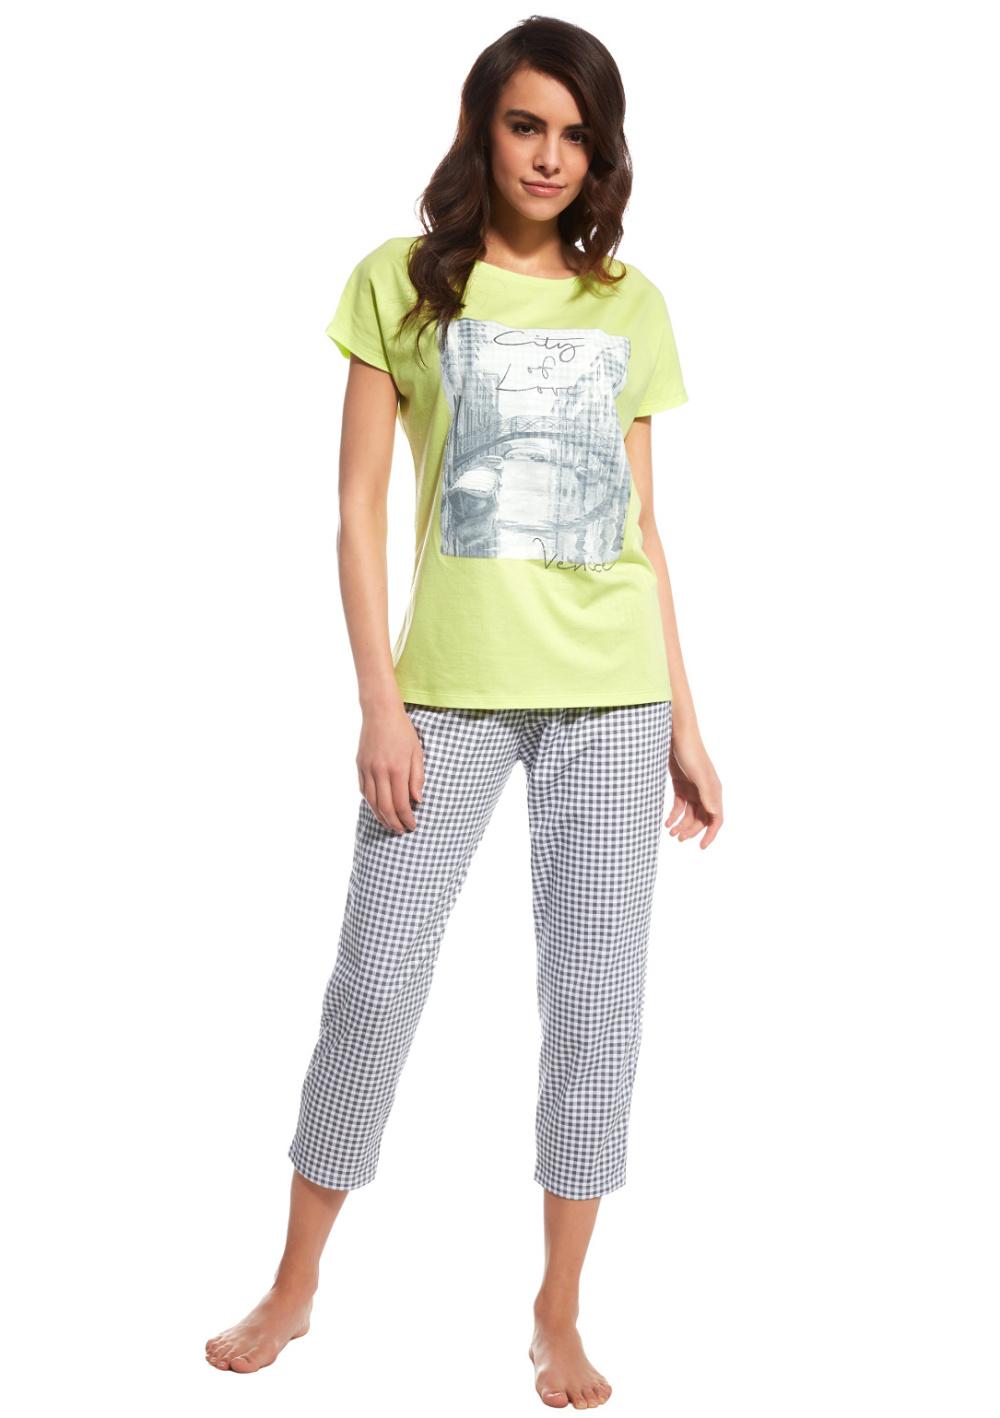 Dámské pyžamo Cornette 670/96 S Dle obrázku